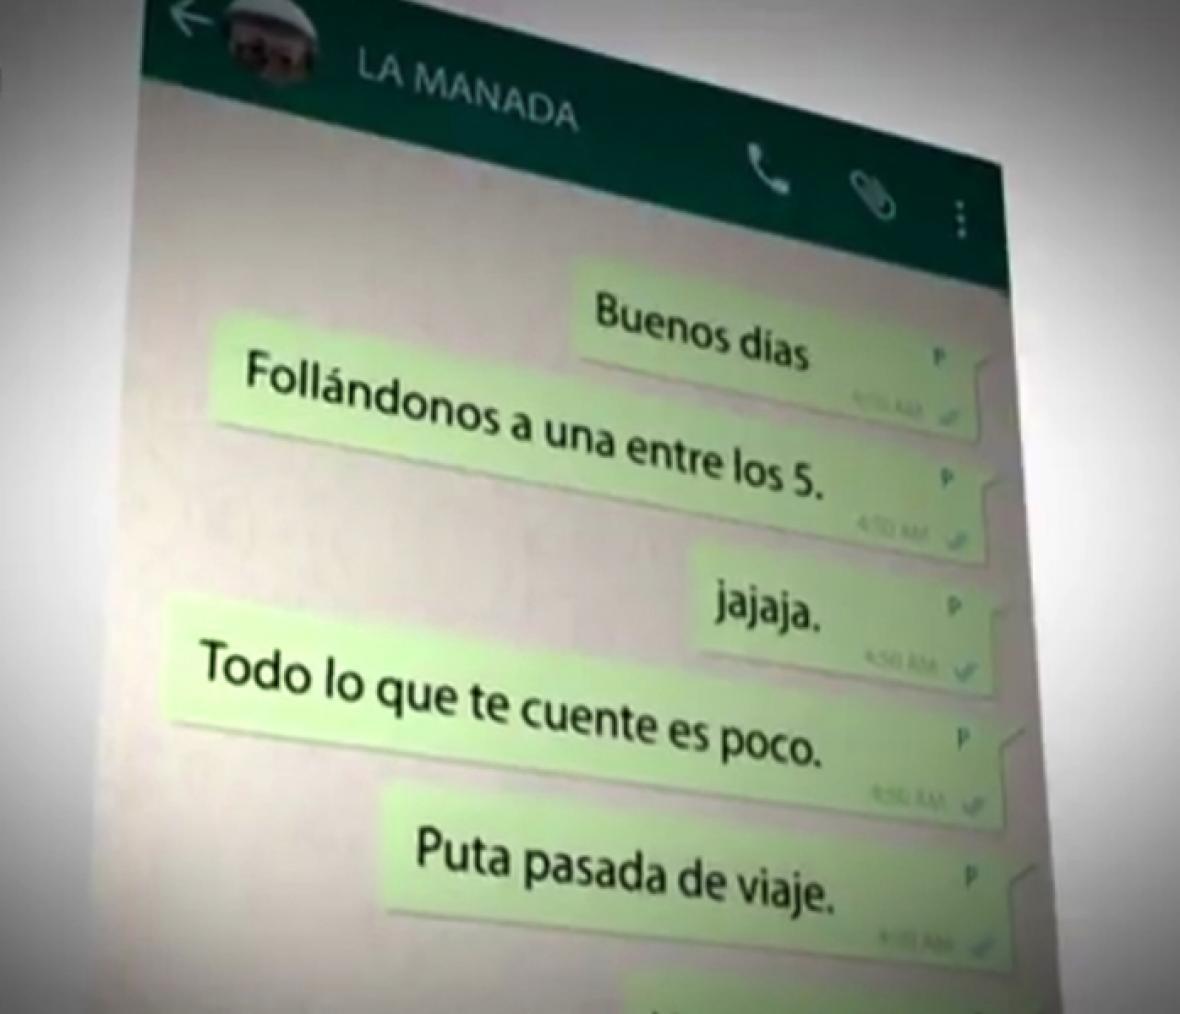 Mensajes sobre la 'hazaña' en el chat del grupo.